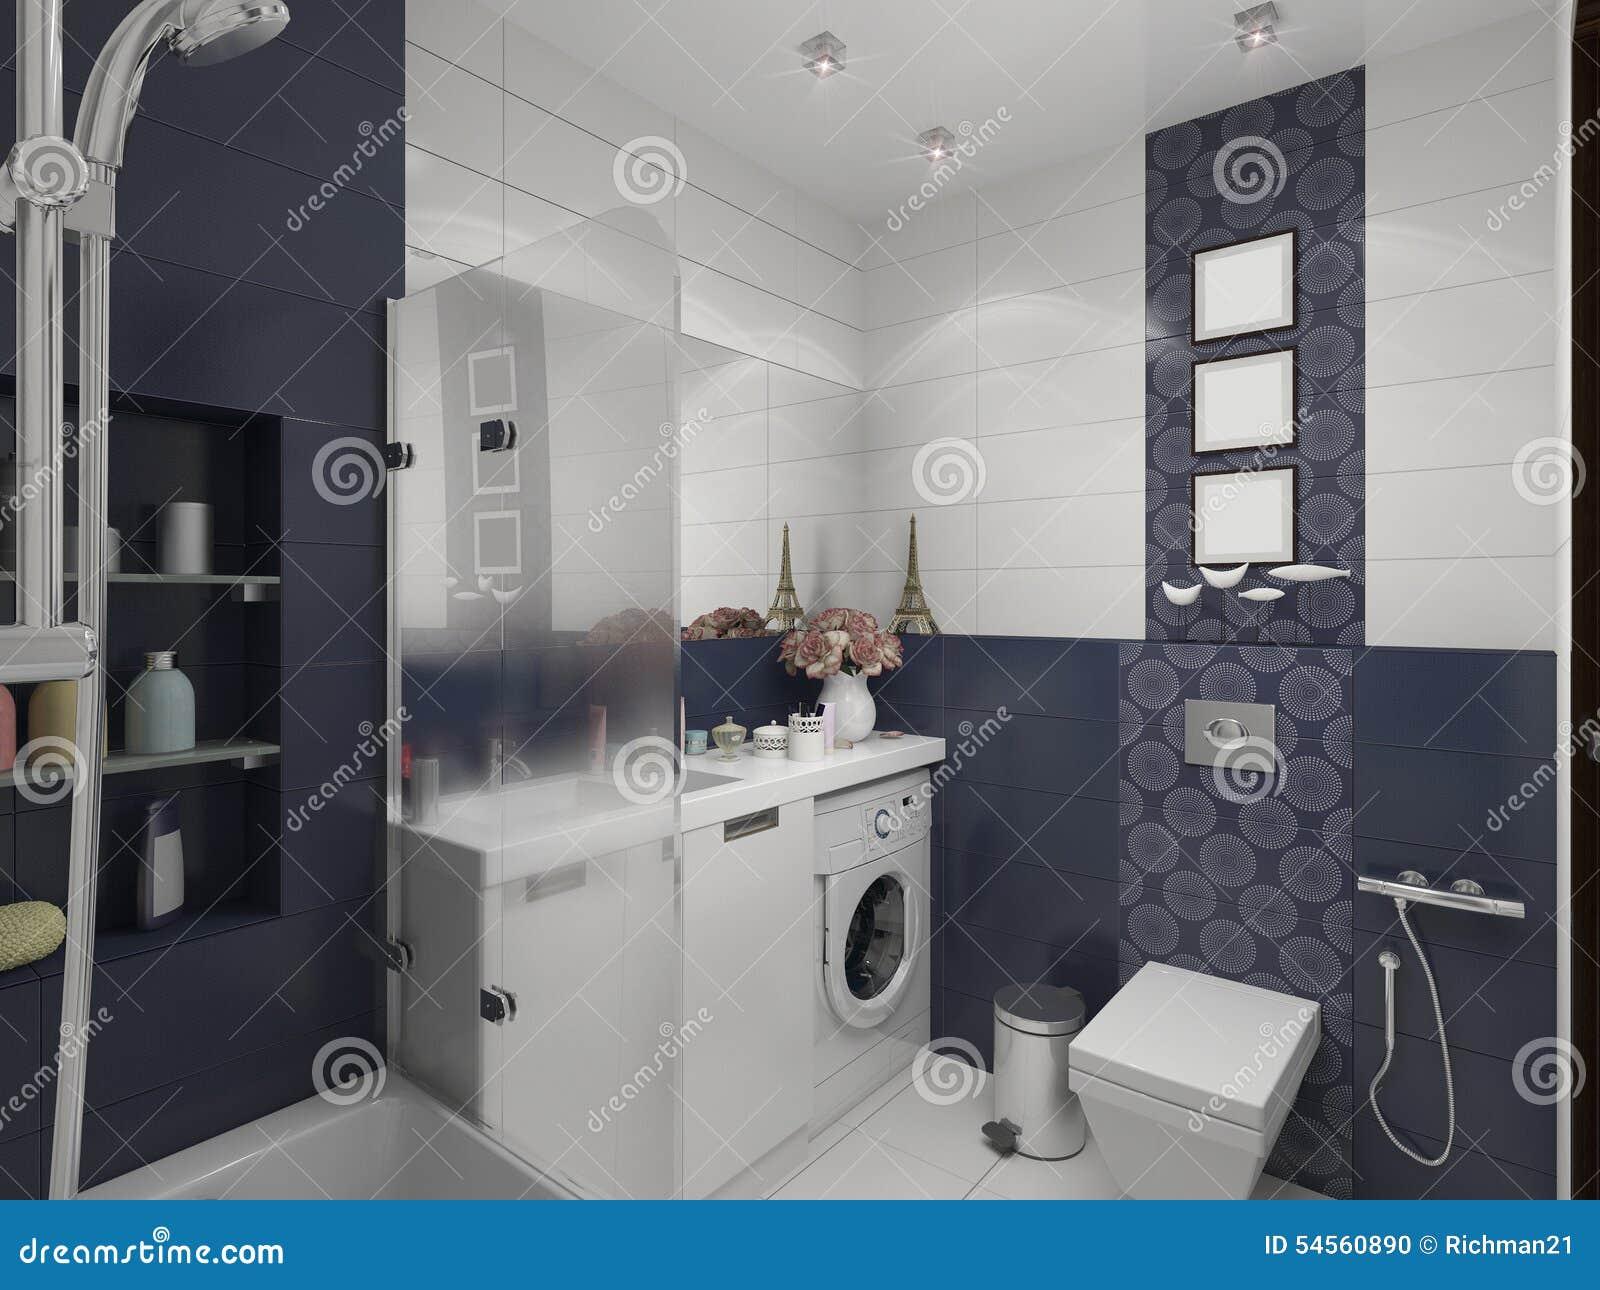 Programa dise o de ba os 3d gratis casa dise o casa dise o for Programa decoracion 3d